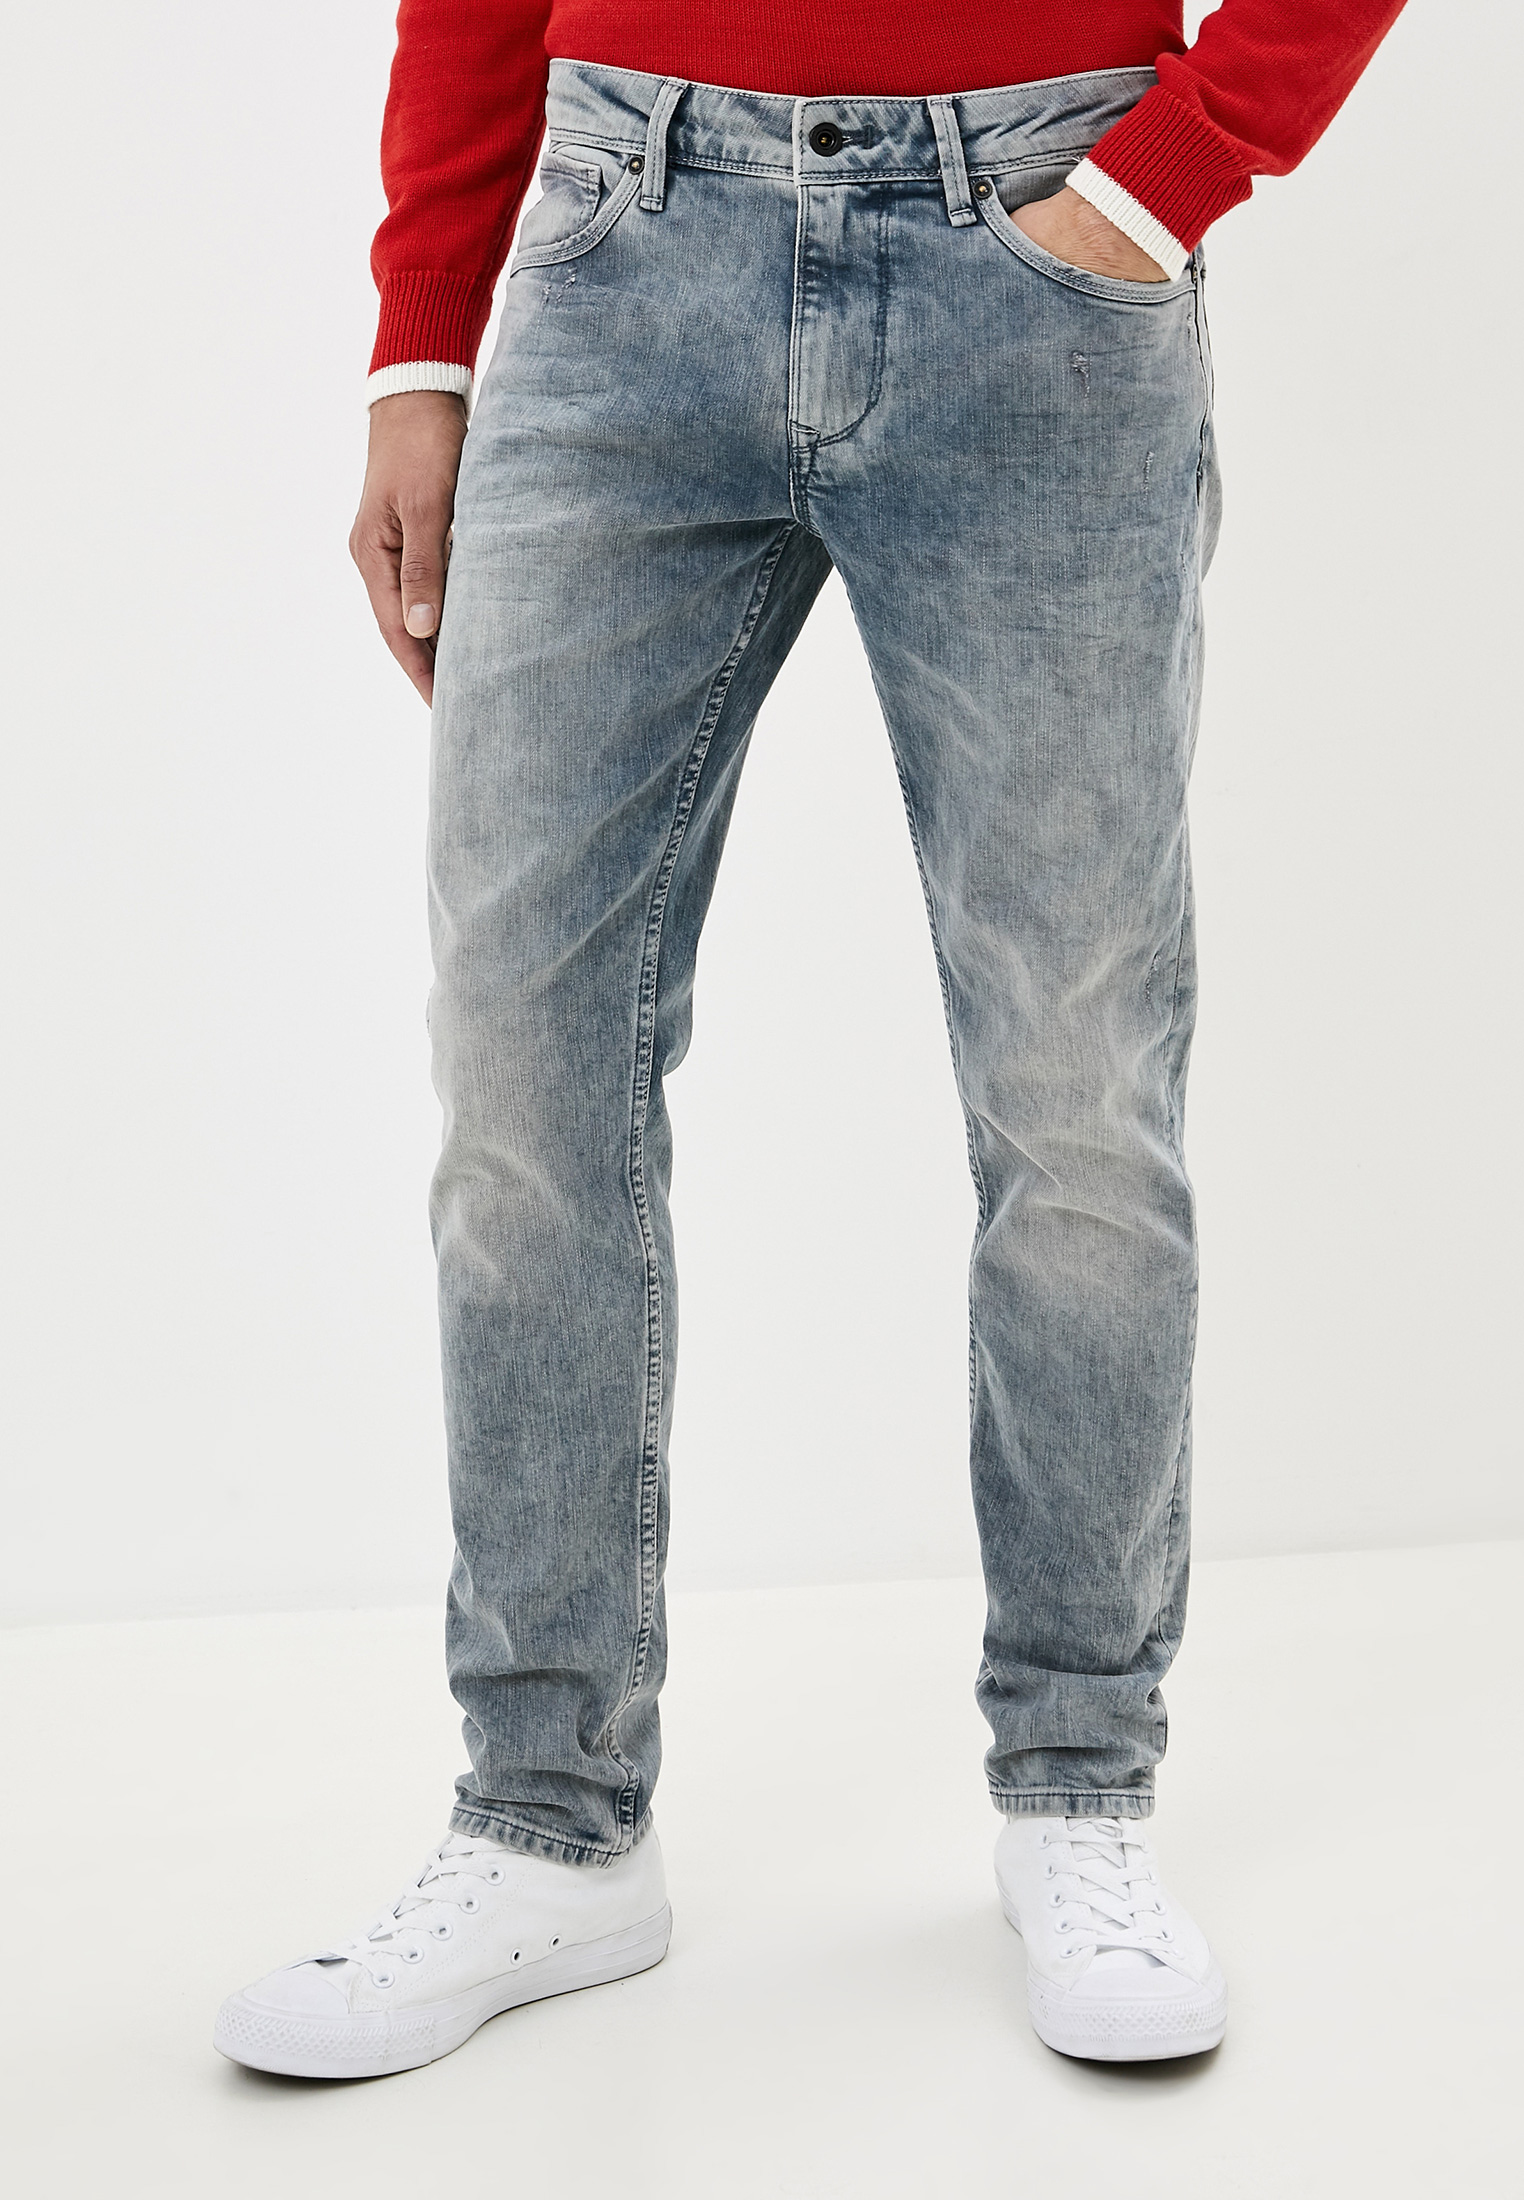 Зауженные джинсы Pepe Jeans (Пепе Джинс) PM205139